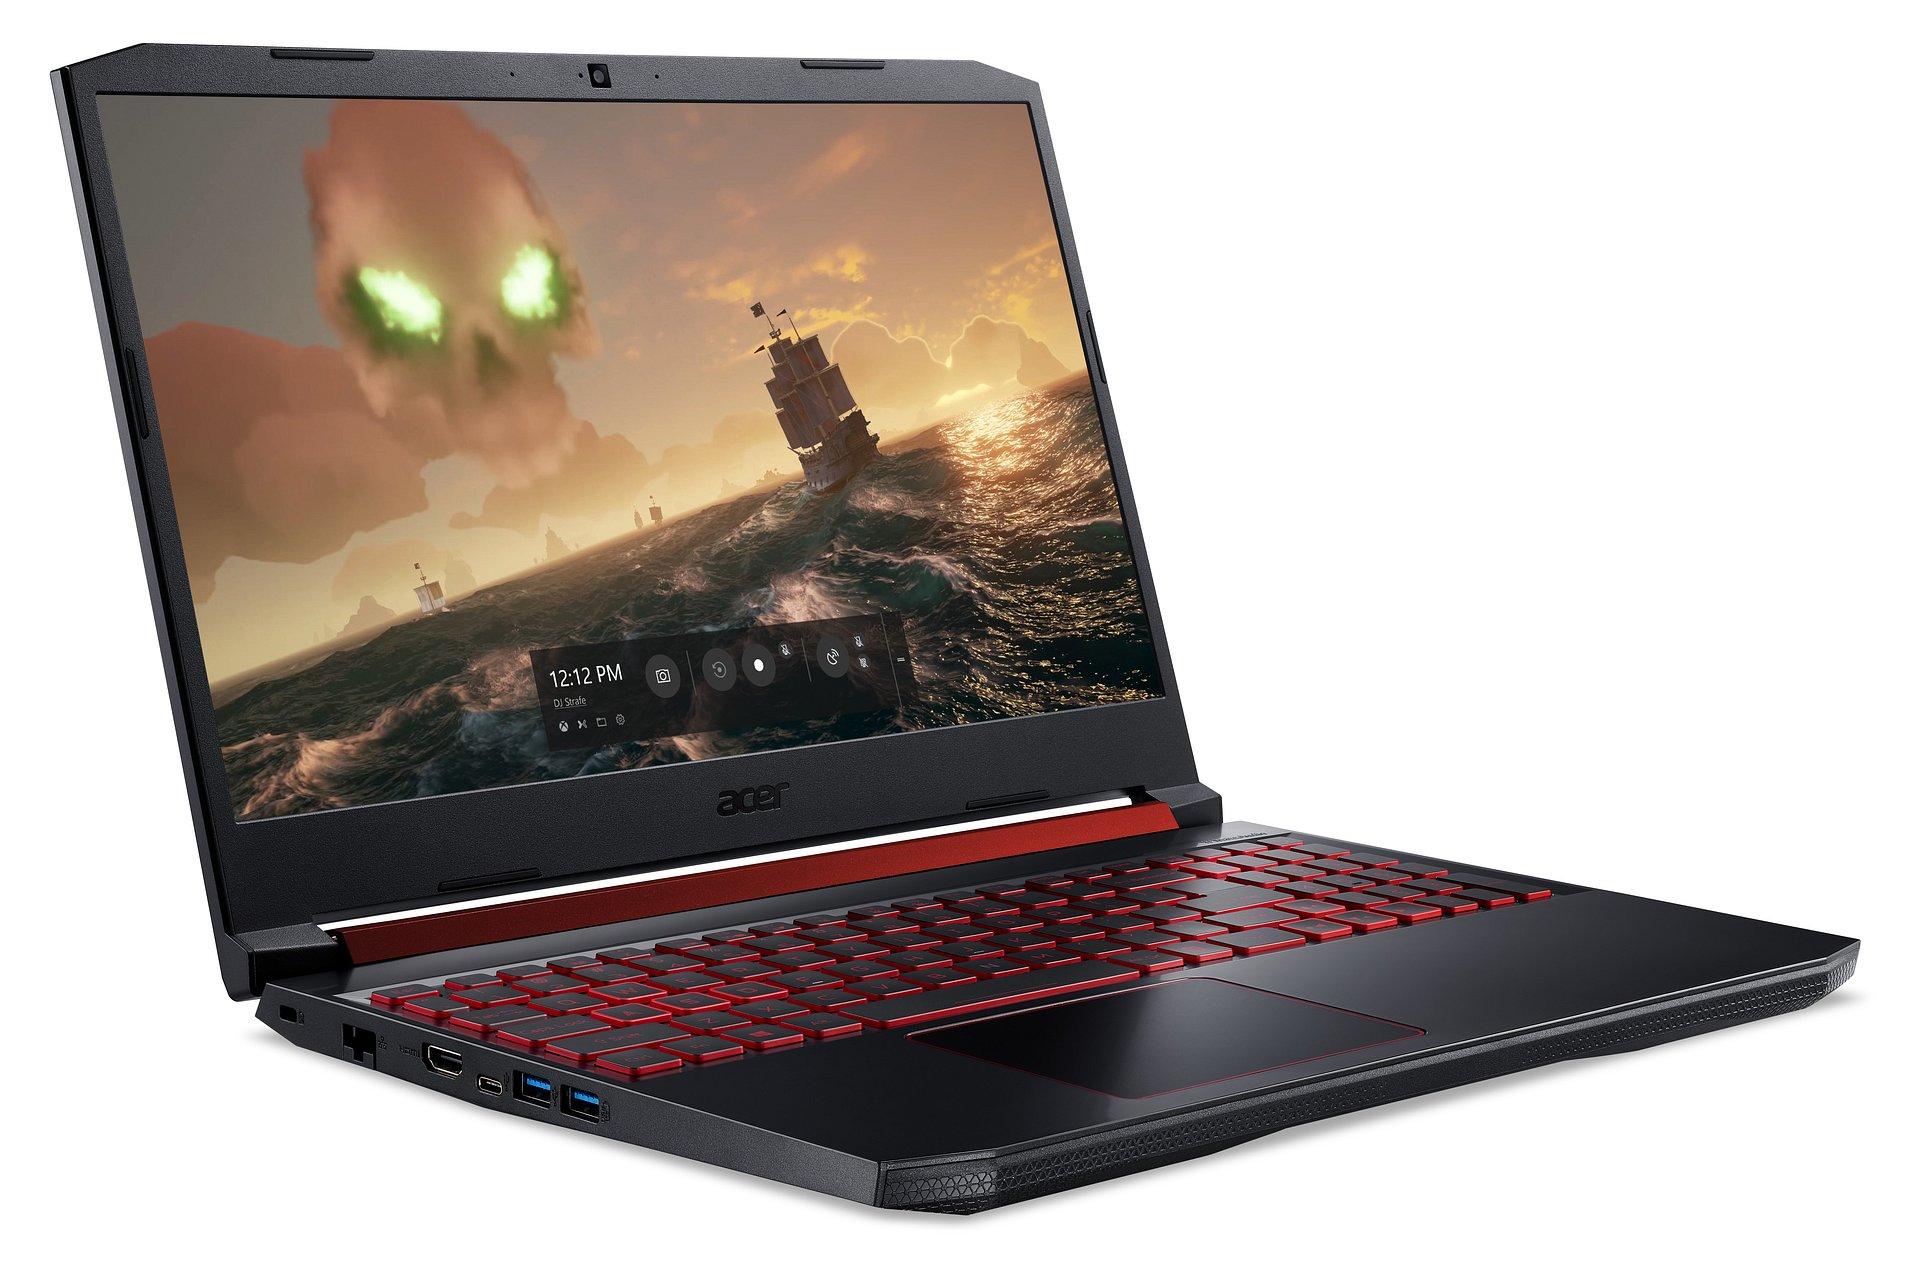 Acer przedstawia nowe notebooki Nitro 5 i Swift 3 z mobilnymi procesorami AMD Ryzen drugiej generacji